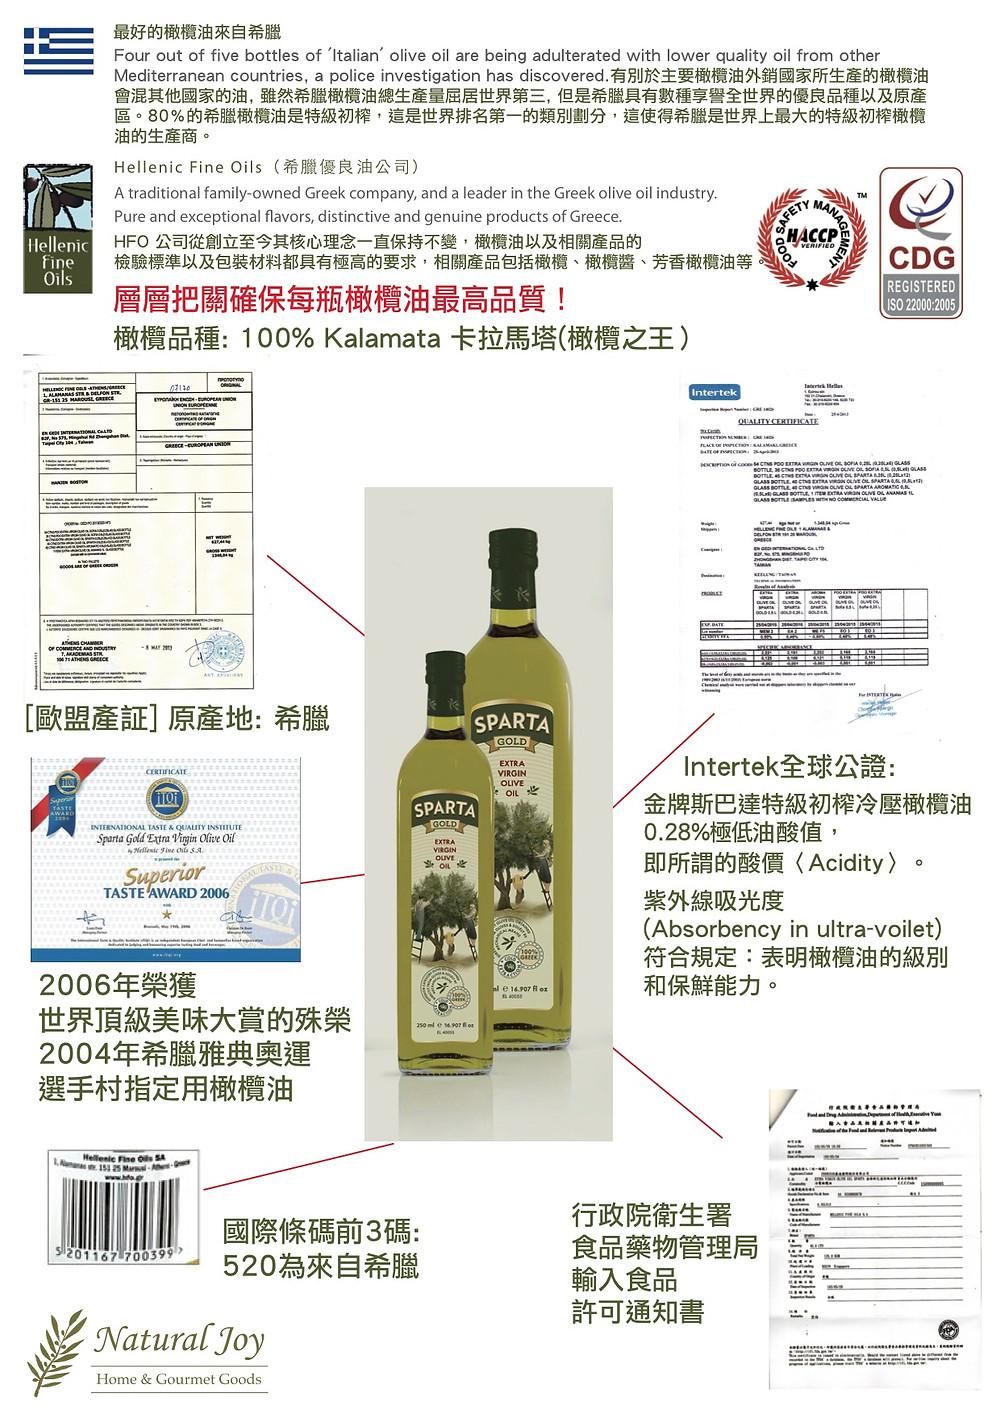 certificate-sparta.jpg